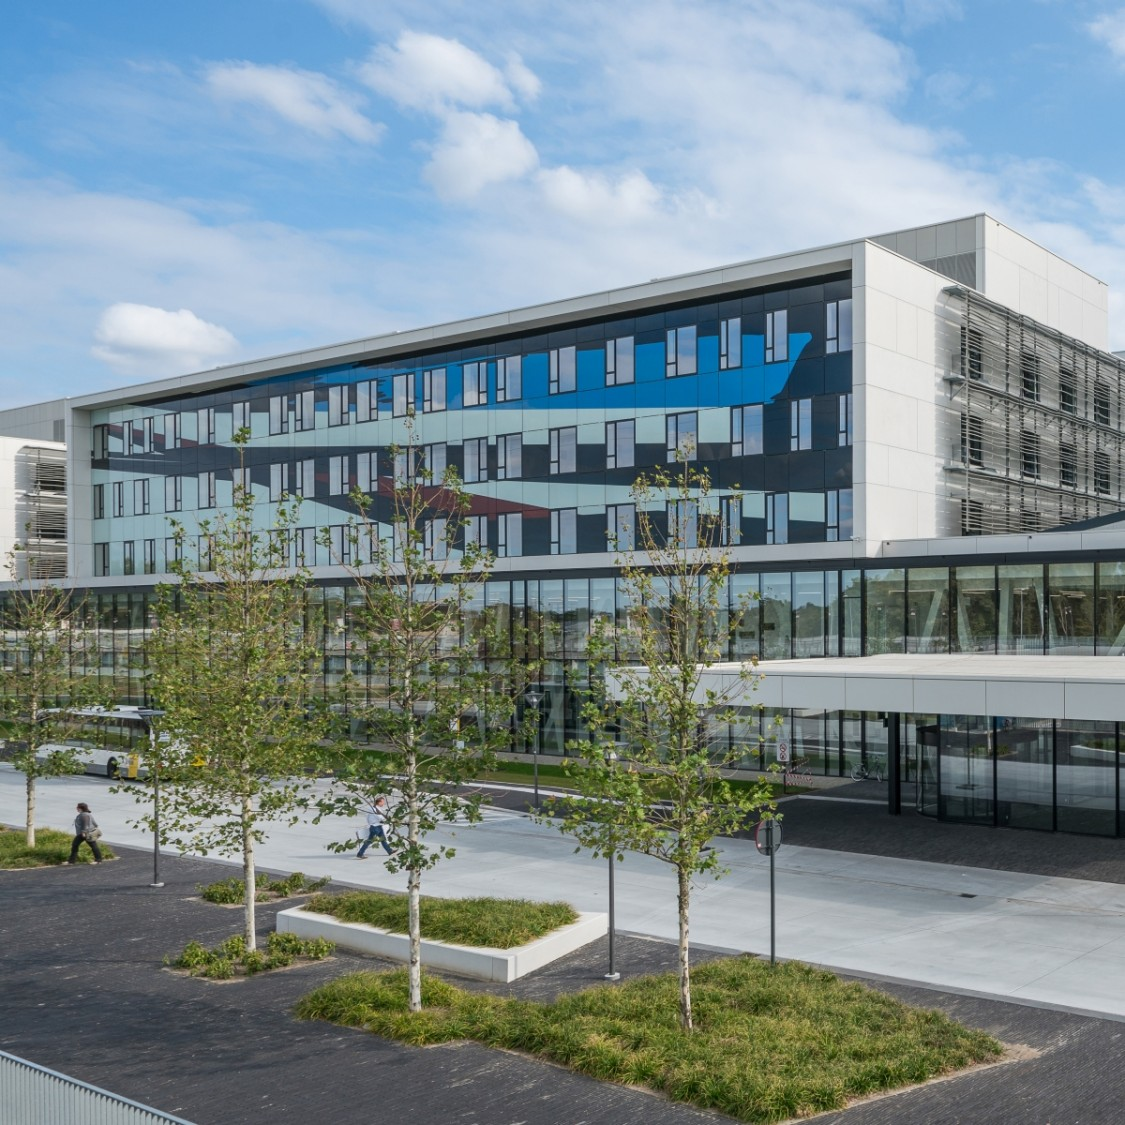 Sint-Maarten Hospital in Belgium